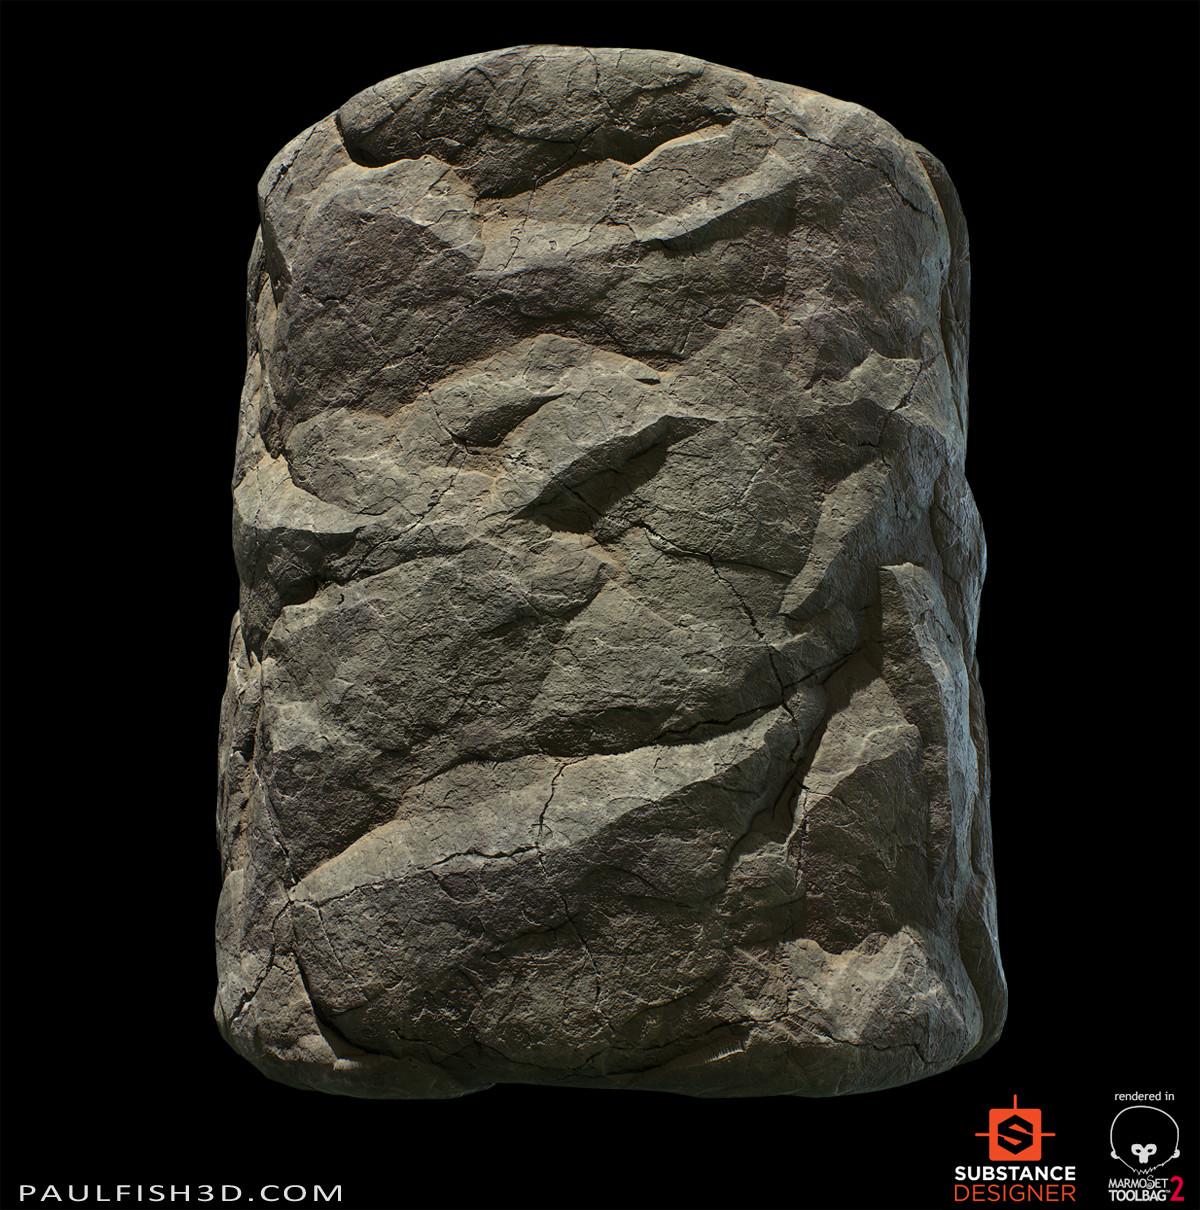 Paul fish wall stone